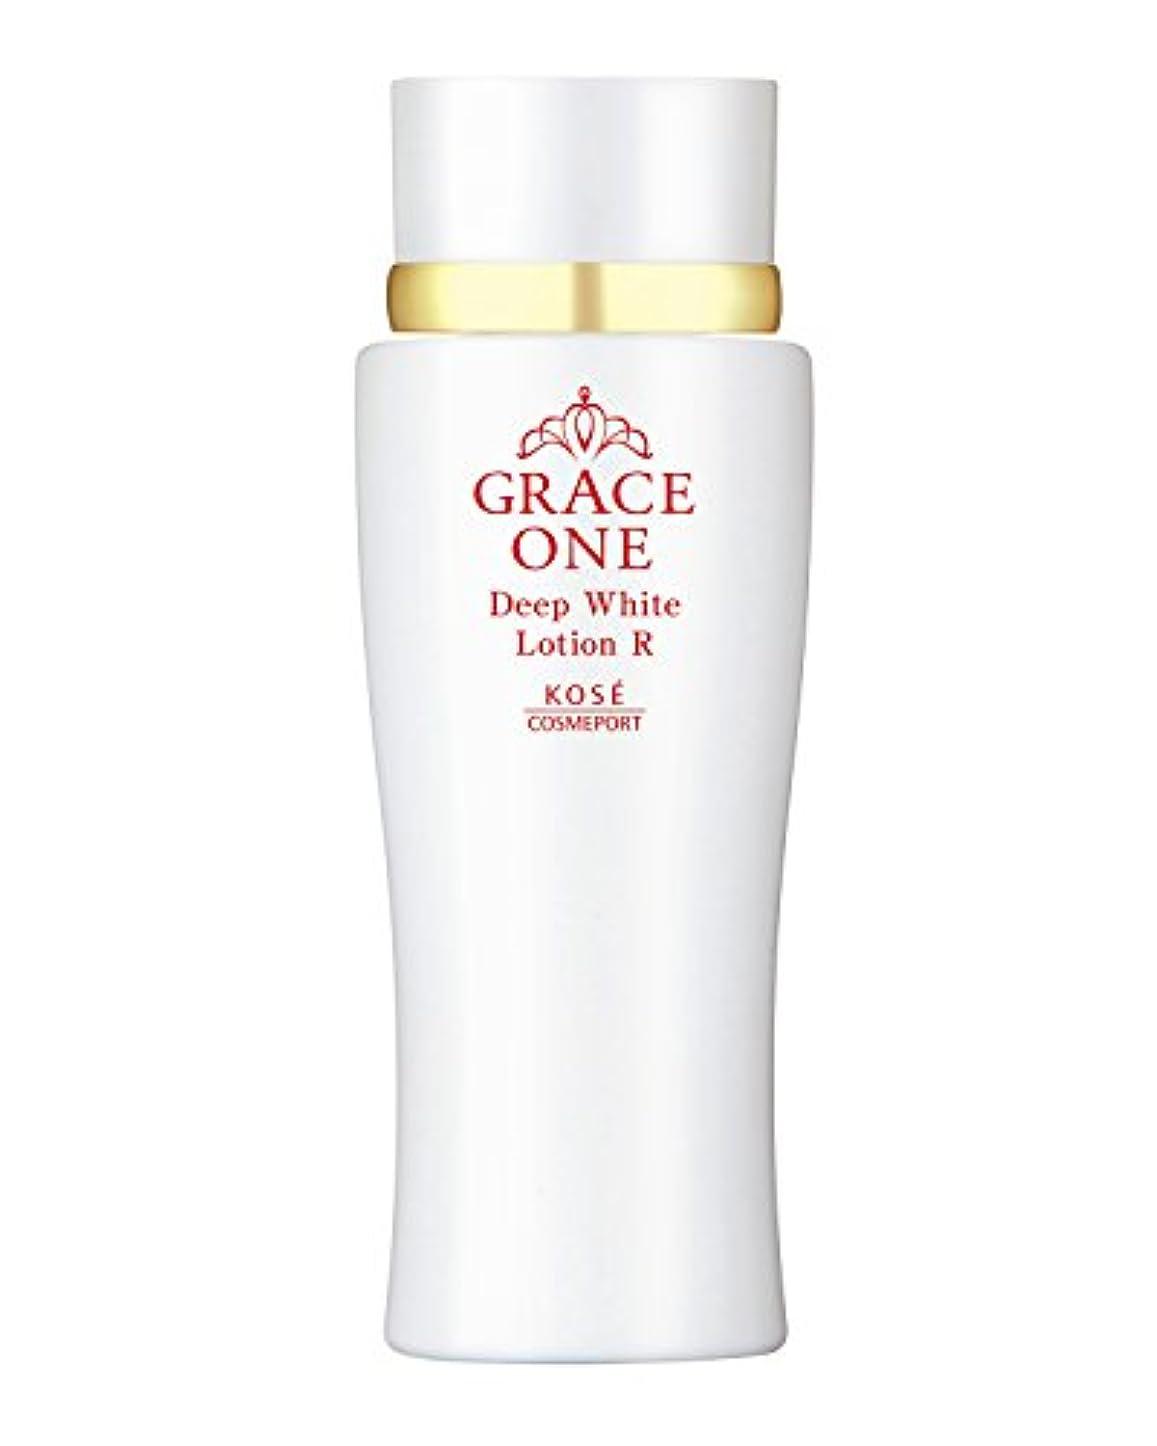 スクラブ連続的ナース(医薬部外品) KOSE コーセー グレイスワン 薬用美白 ディープホワイト ローション (とてもしっとり 化粧水) 180ml